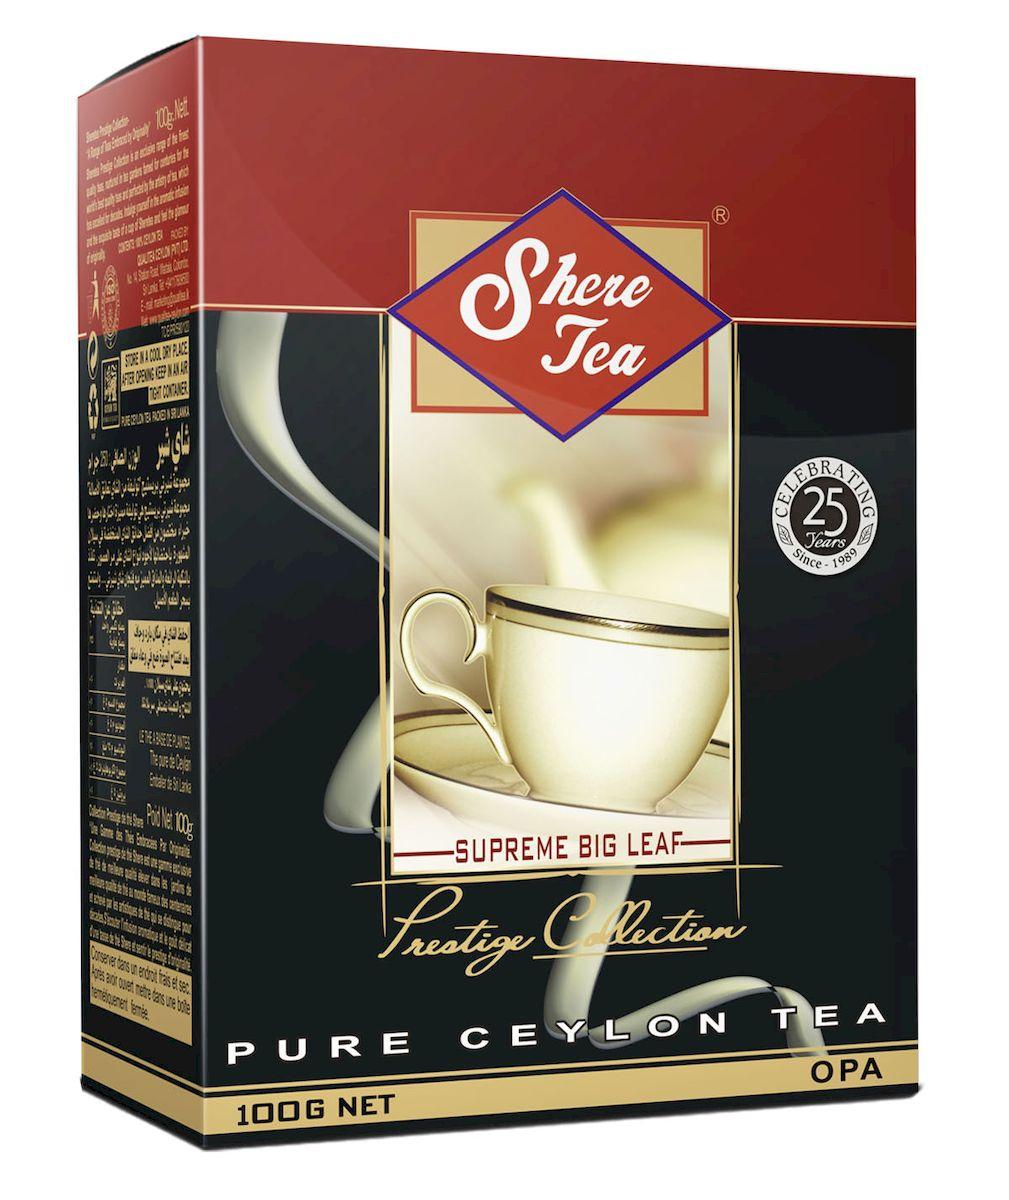 Shere Tea Престижная коллекция. OPА чай черный листовой, 100 г shere tea престижная коллекция pekoe чай черный листовой 250 г